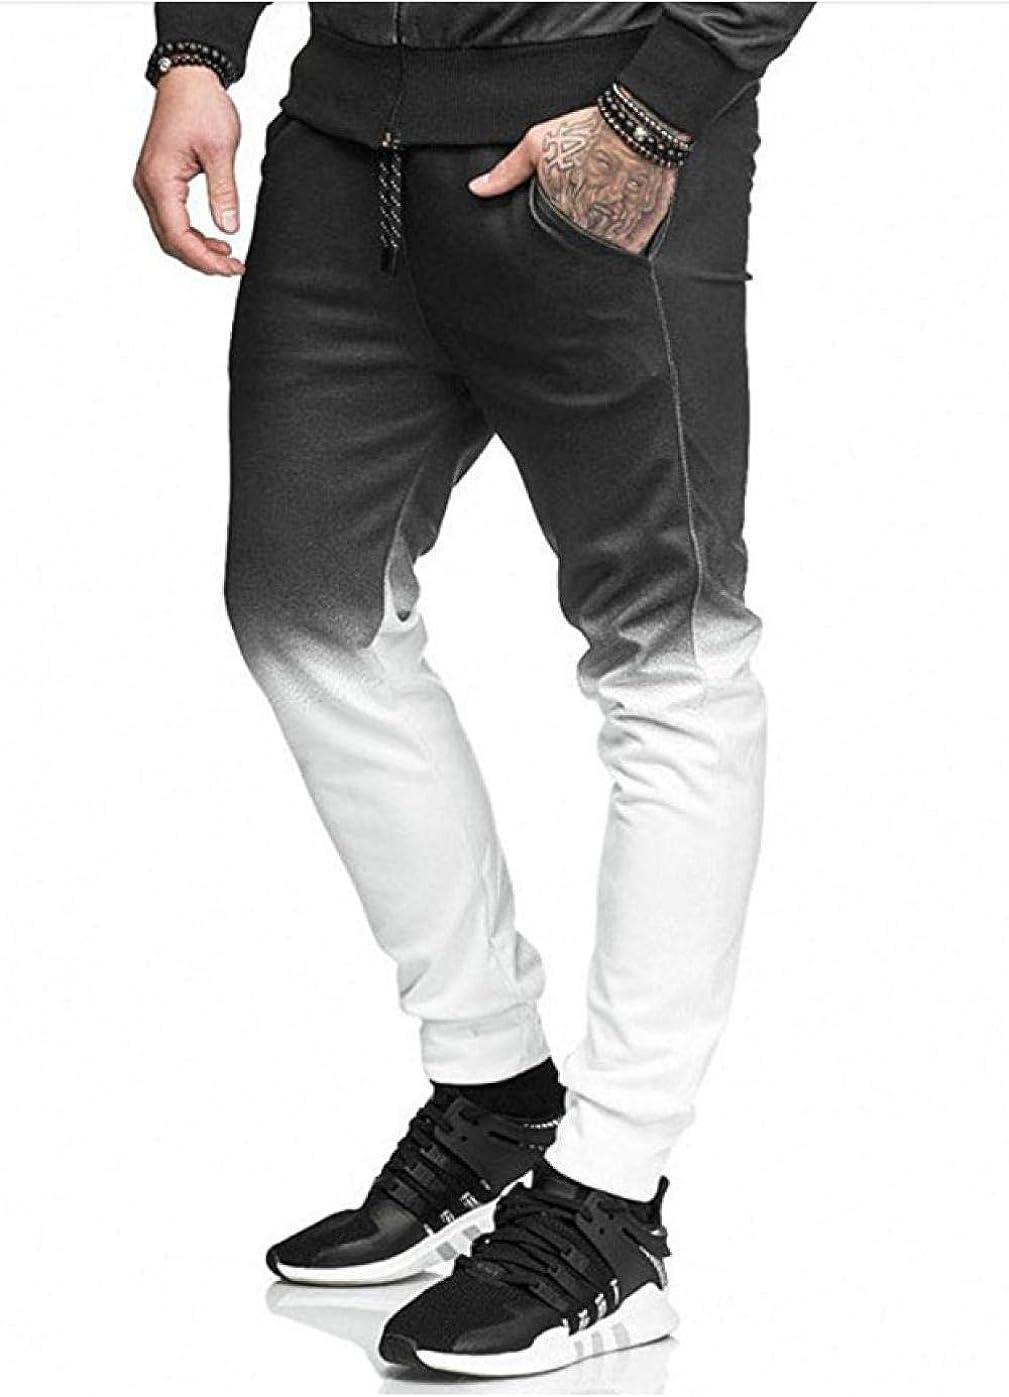 Meaeo Printemps Automne Pantalons Hommes Casual Taille Élastique Maigre Longue Gradients Fitness Pantalon Pantalon De Survêtement Mâle Cargos Joggers Blanc